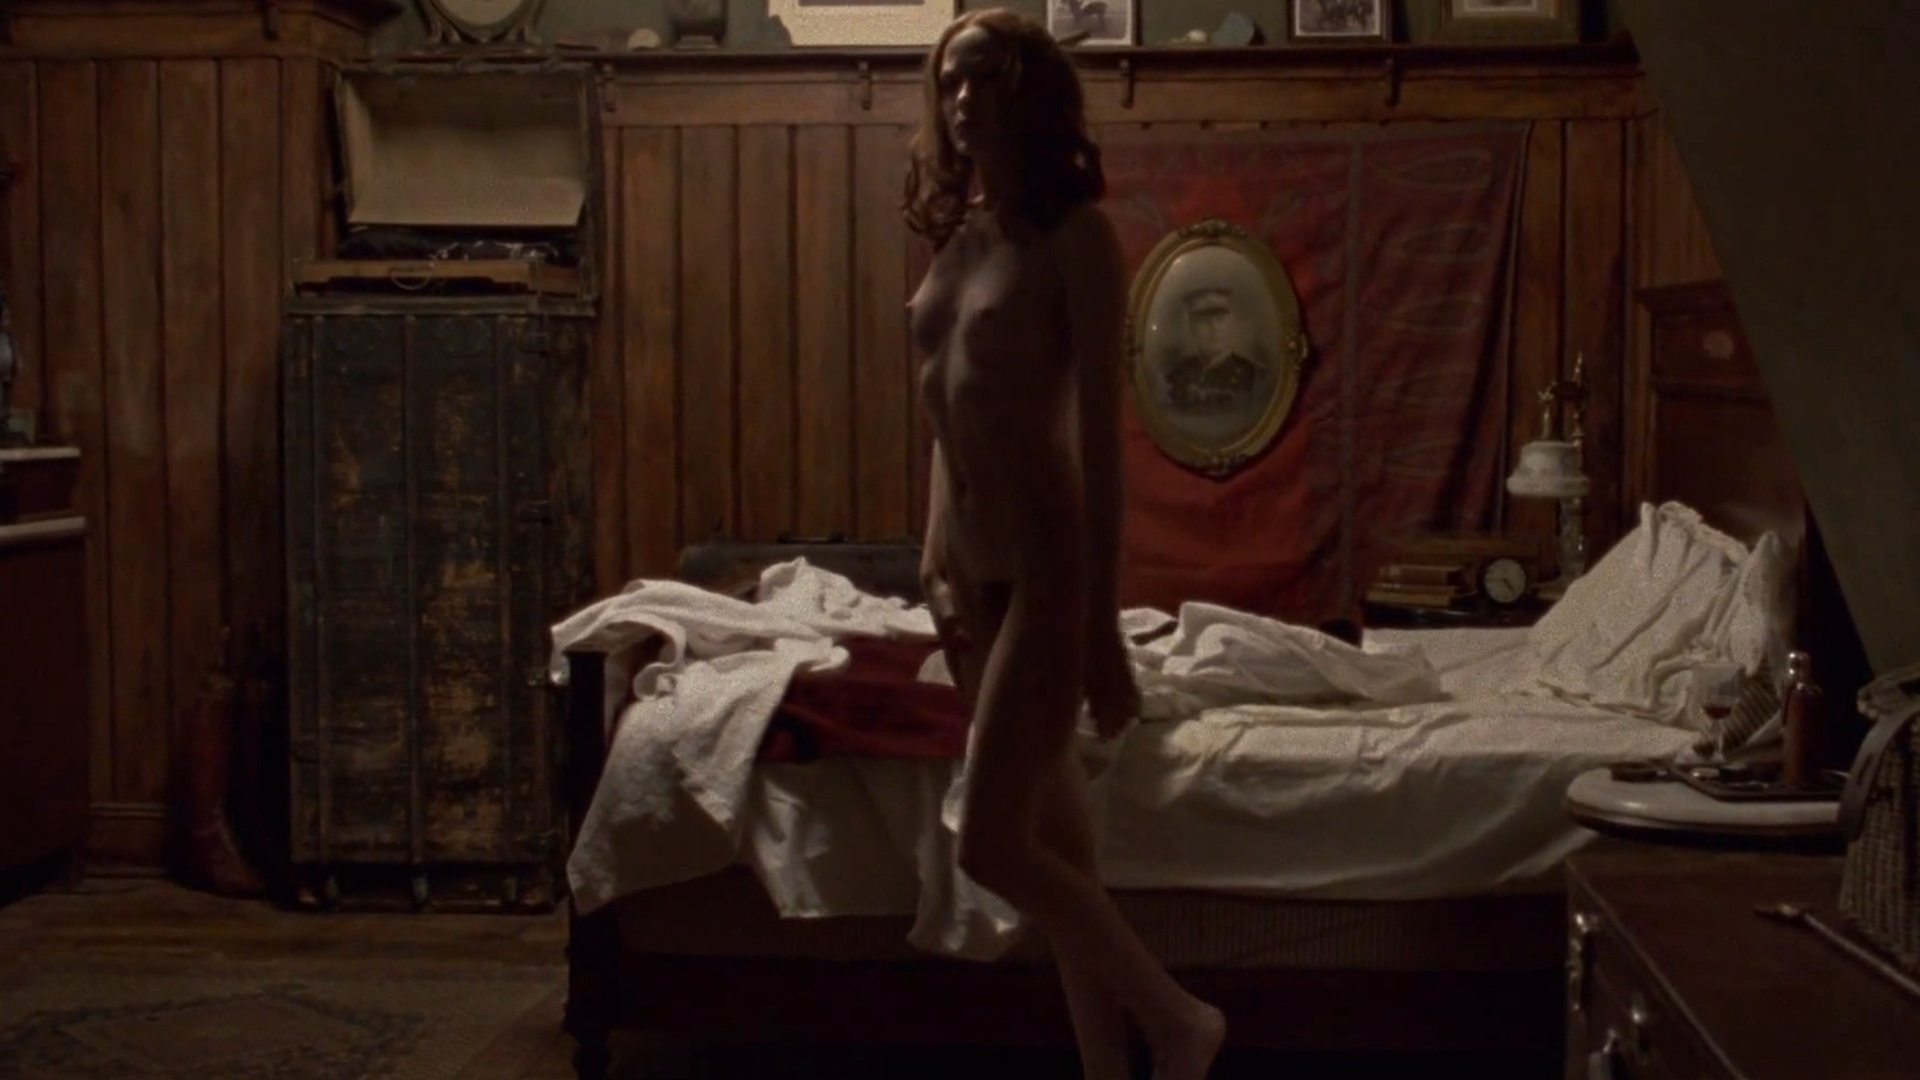 Wood evan scene rachel nude